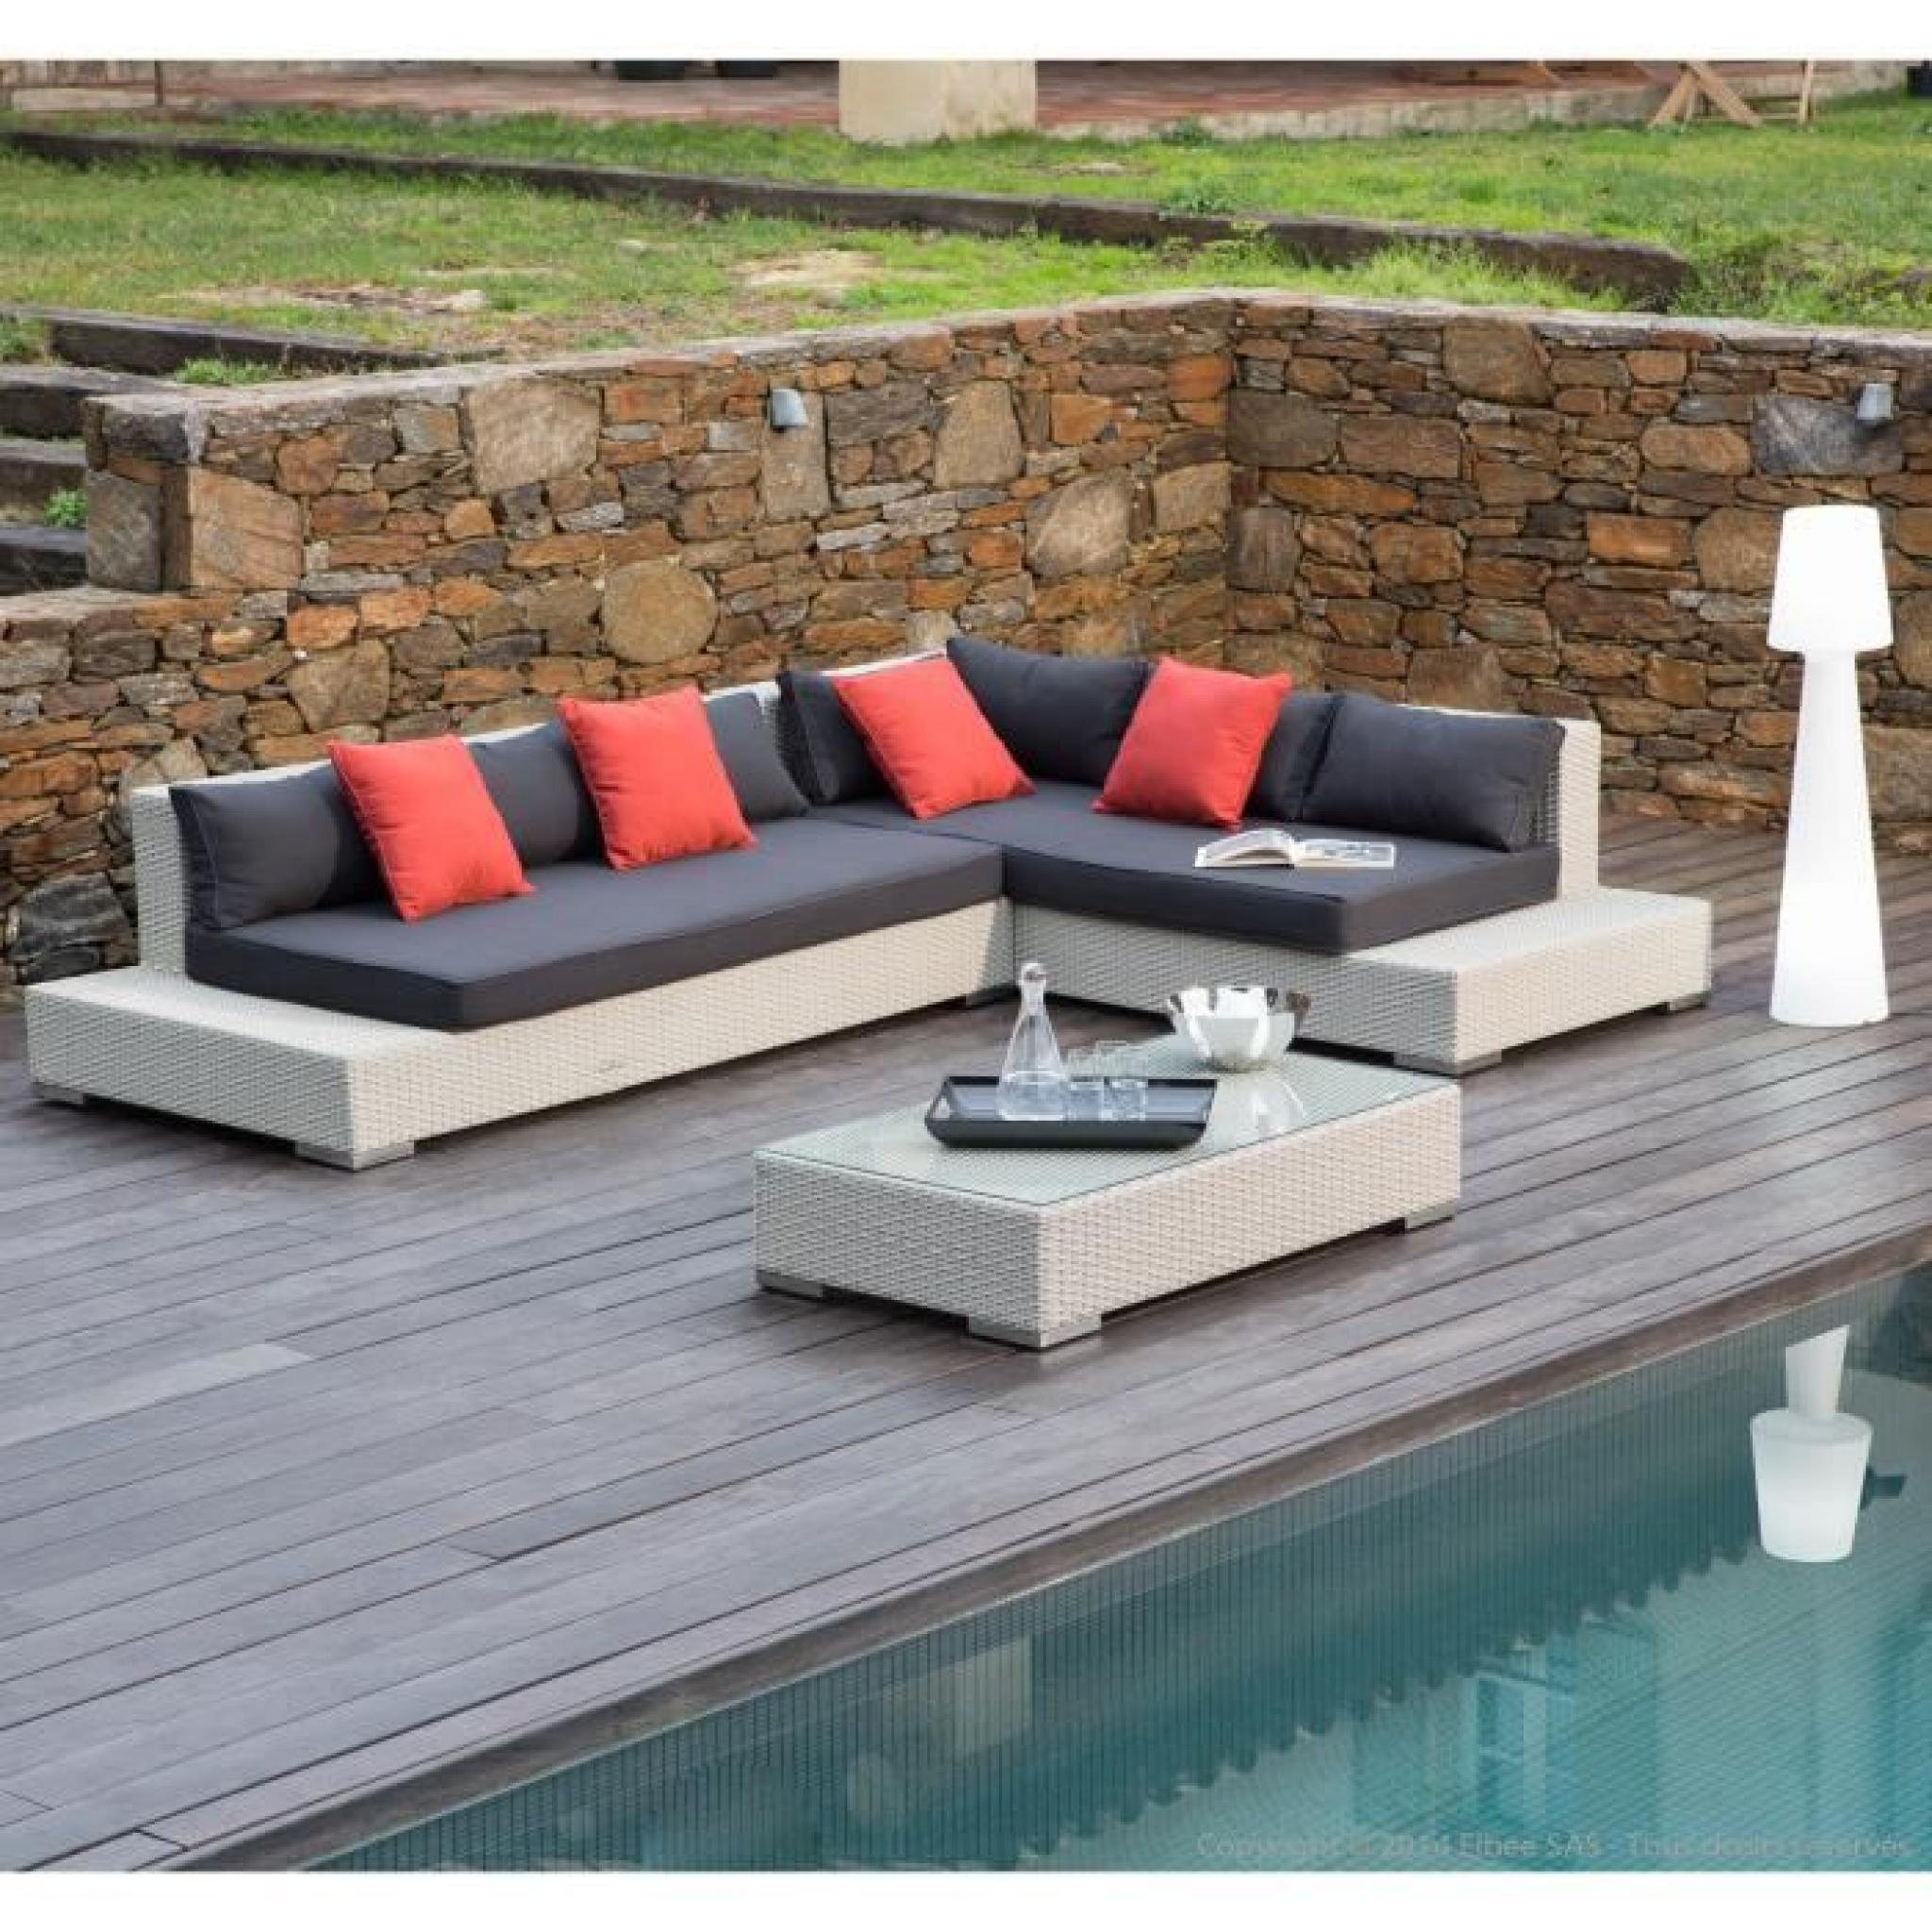 Salon De Jardin 6 Places : Canapé D'angle + Table Basse En Résine Tressée  Asella- concernant Canapé D Angle De Jardin